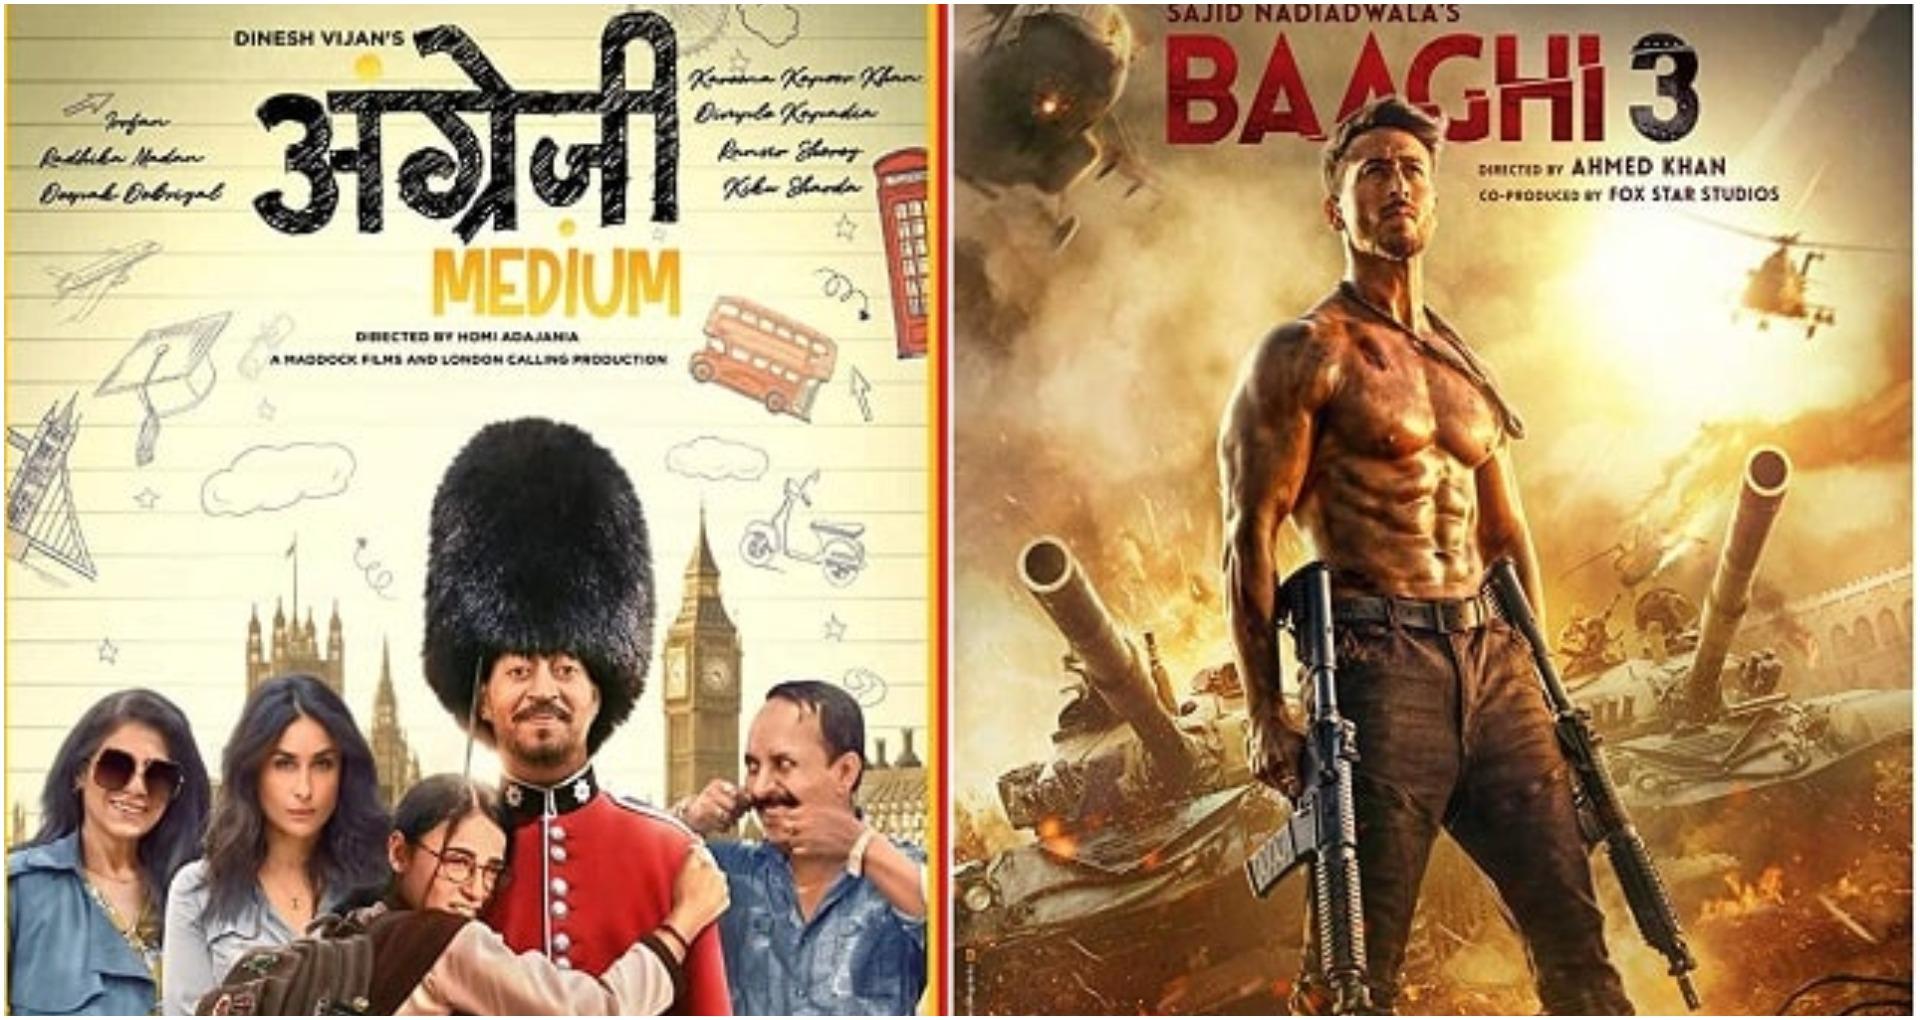 Baaghi 3 Vs Angrezi Medium Box Office: बागी 3 ने 10वें दिन कमाए इतने करोड़, अंग्रेजी मीडियम की रफ़्तार धीमी